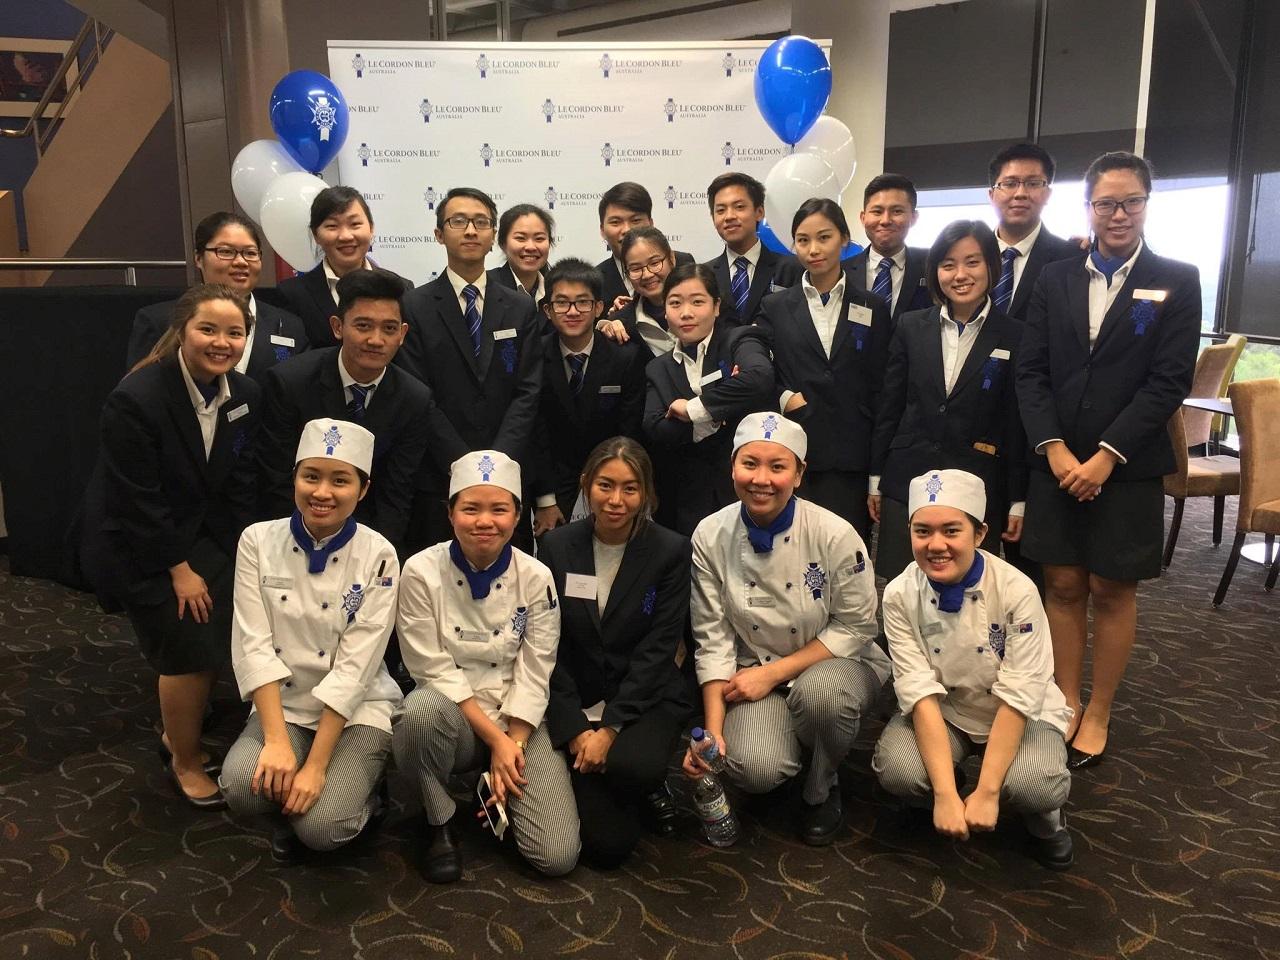 Mai Nguyễn Hoàng Long (bạn nam thứ 3 từ trái qua) học Quản trị nhà hàng quốc tế tại Le Cordon Bleu Sydney, đang thực tập ở Khách sạn Shangri-La (Úc)